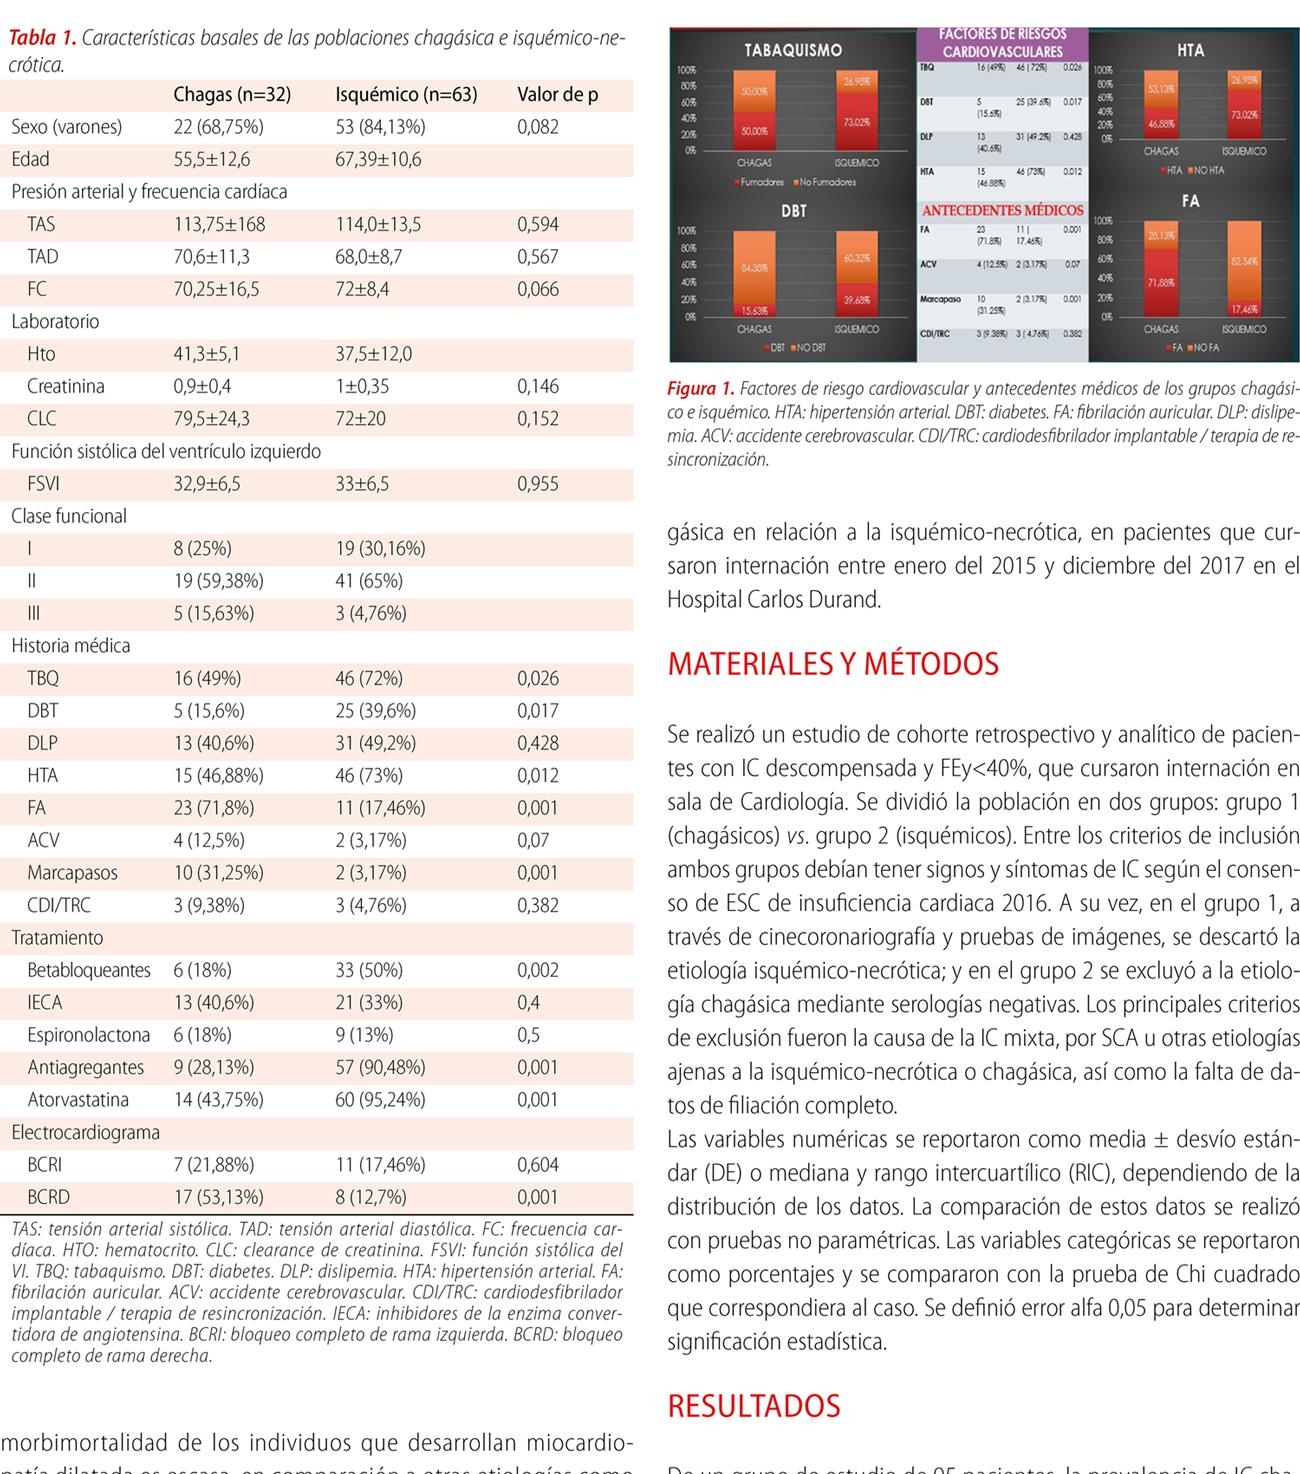 Estudio comparativo en insuficiencia cardíaca descompensada entre la etiología chagásica y la isquémico-necrótica: diferencias en características basales, evolución y pronóstico